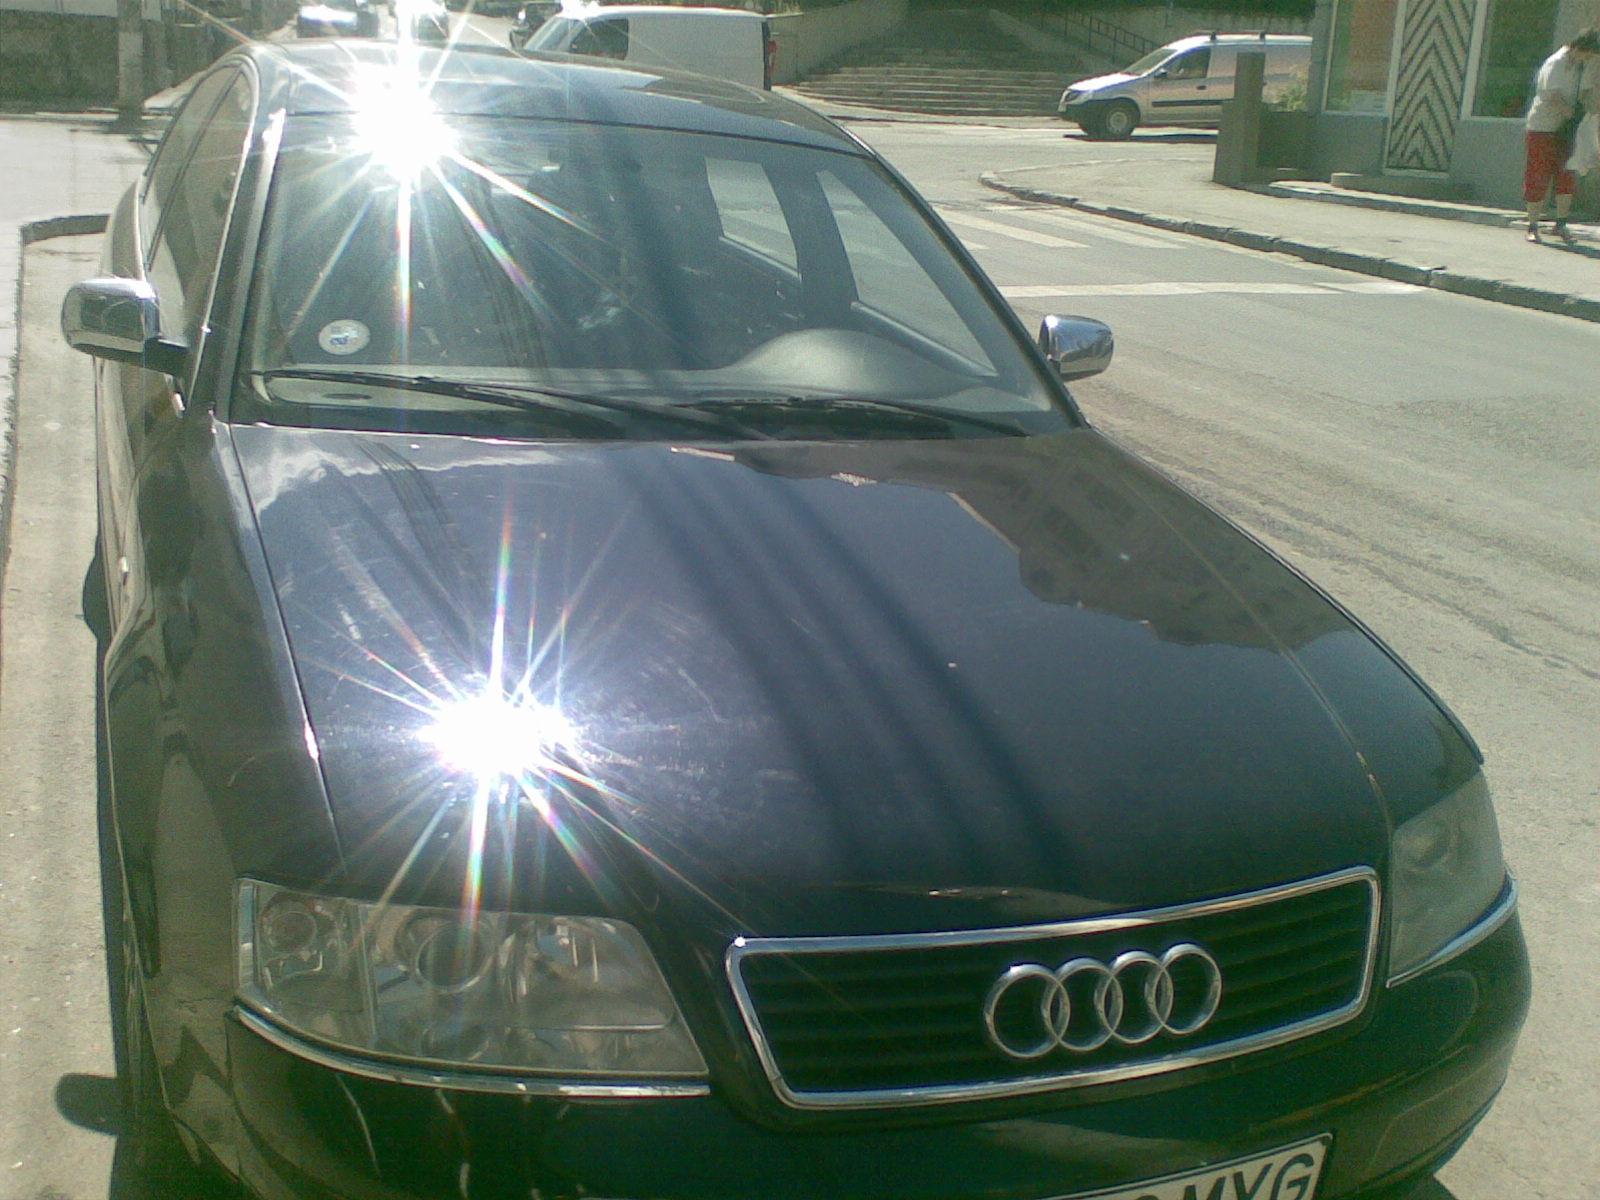 Audi avariat 1998 Diesel Berlina - 12 Februarie 2011 - Poza 1